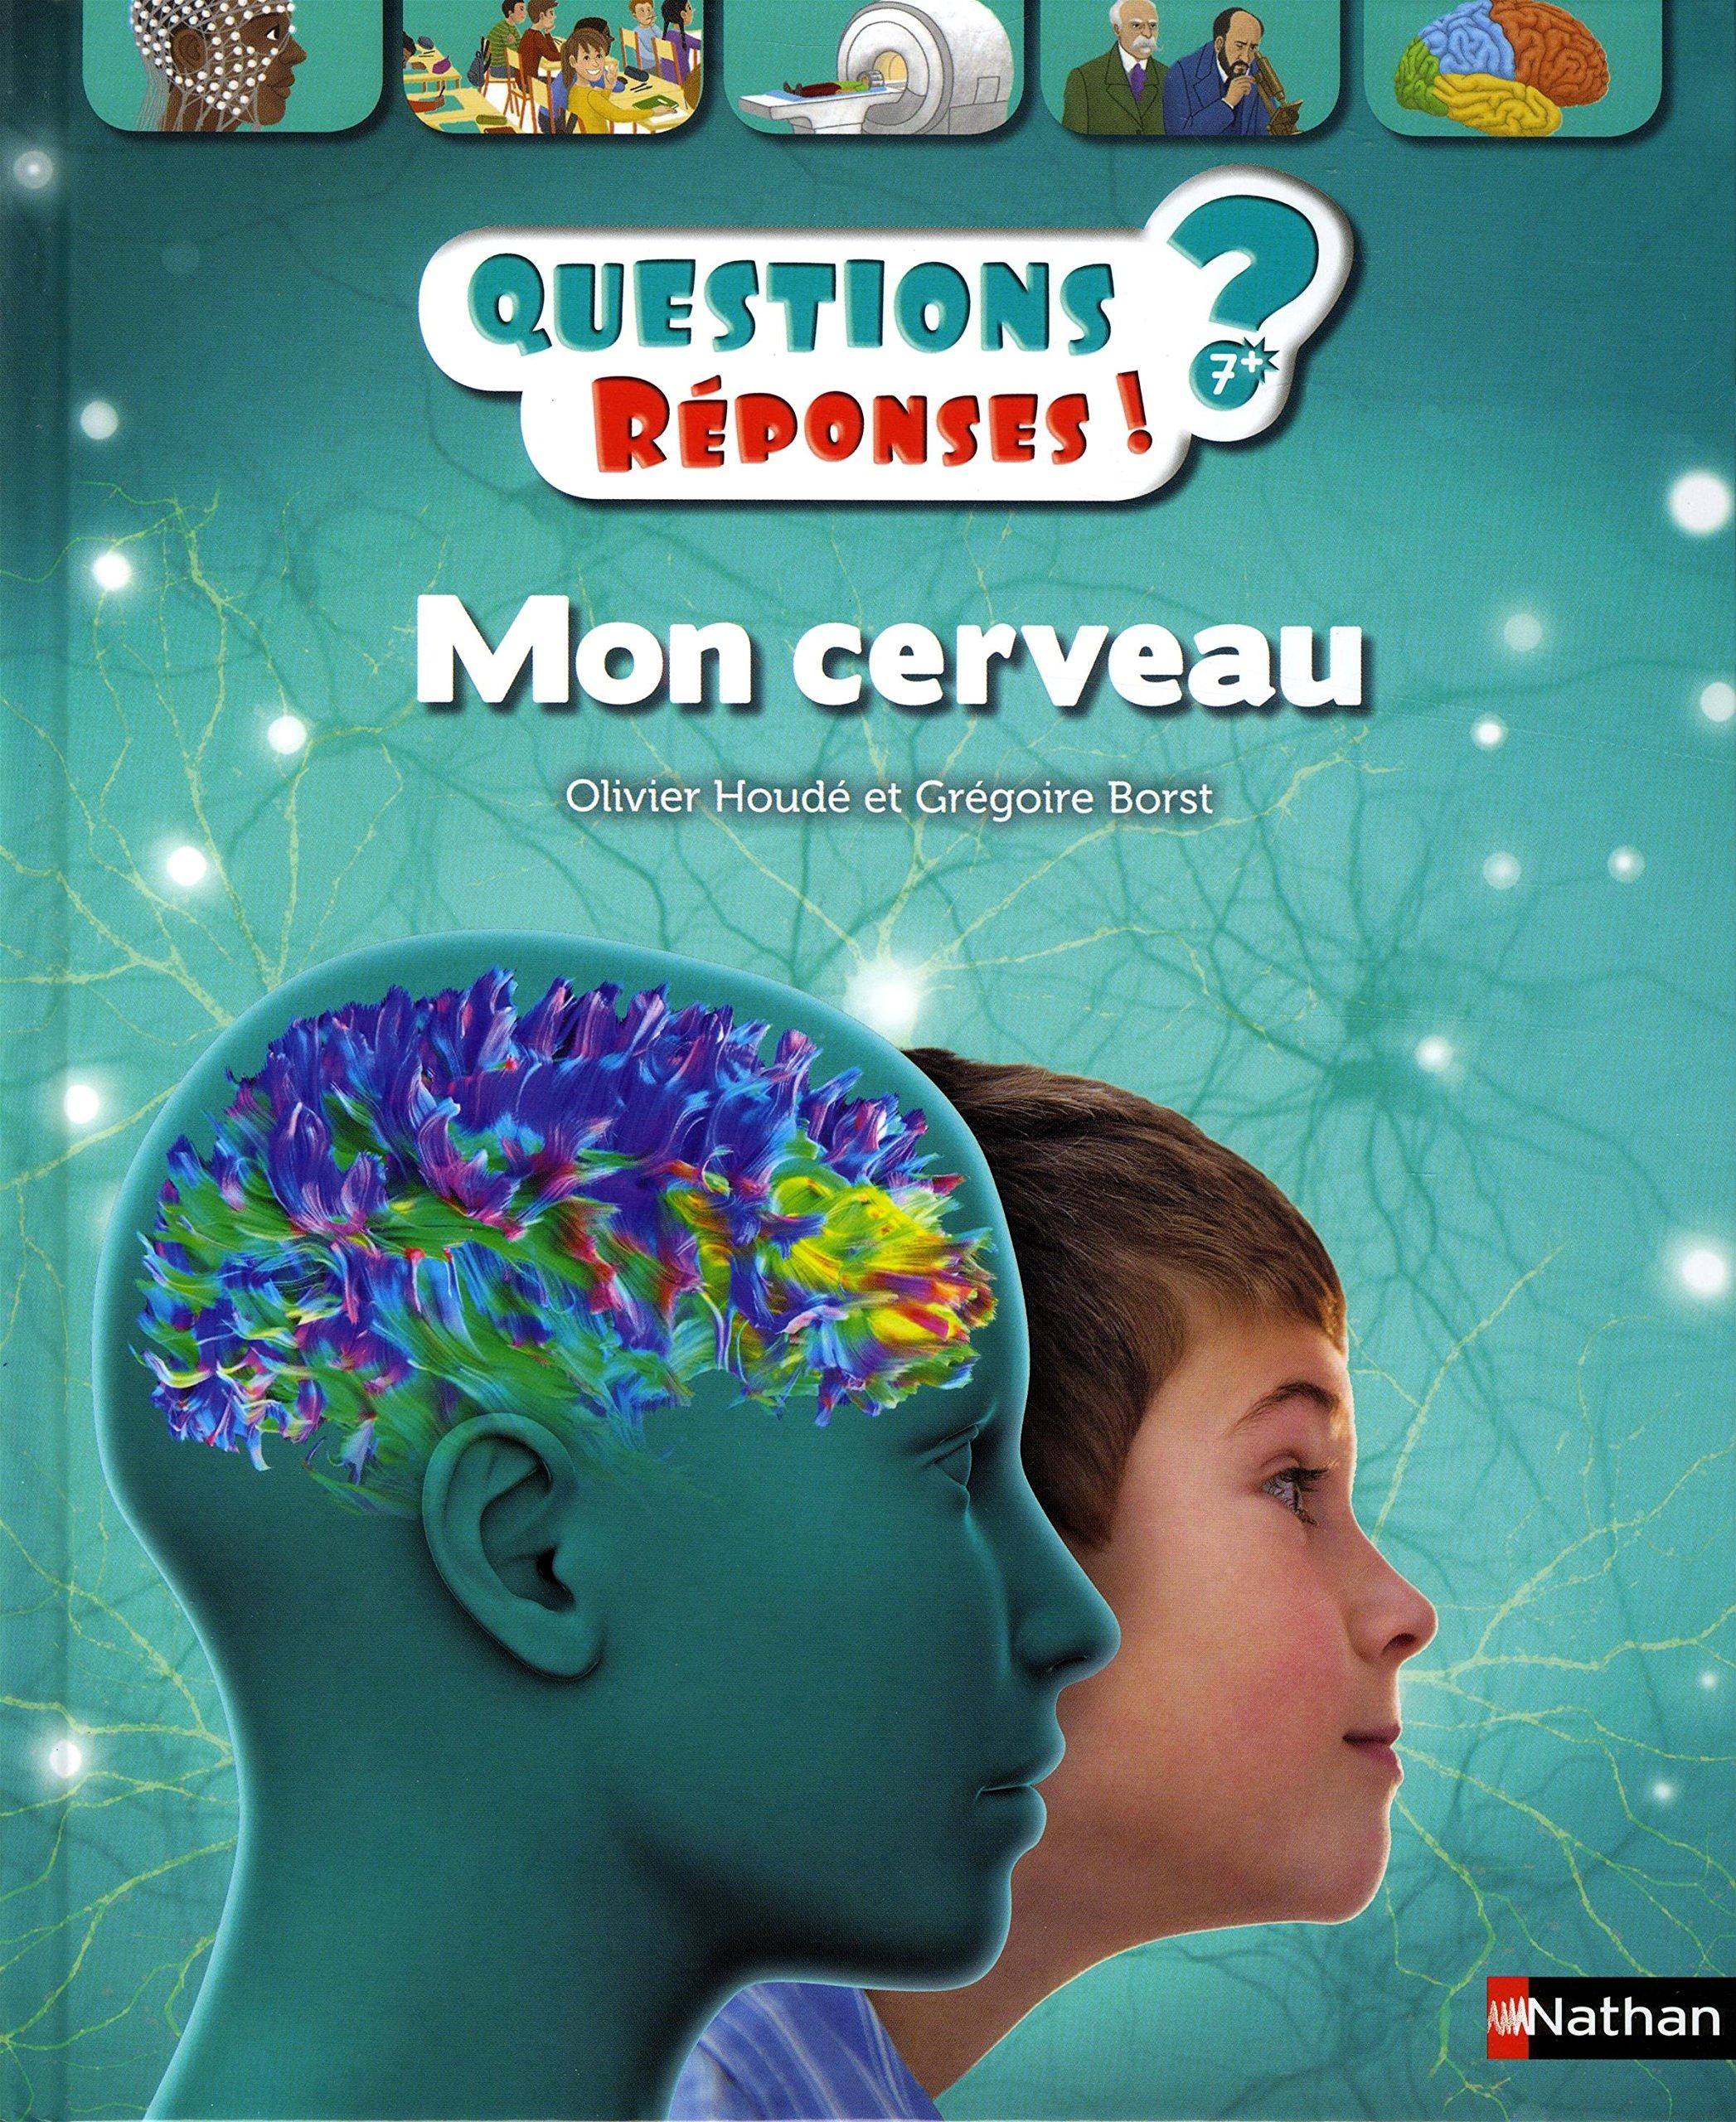 Mon cerveau - Questions/Réponses - les neurosciences dès 7 ans